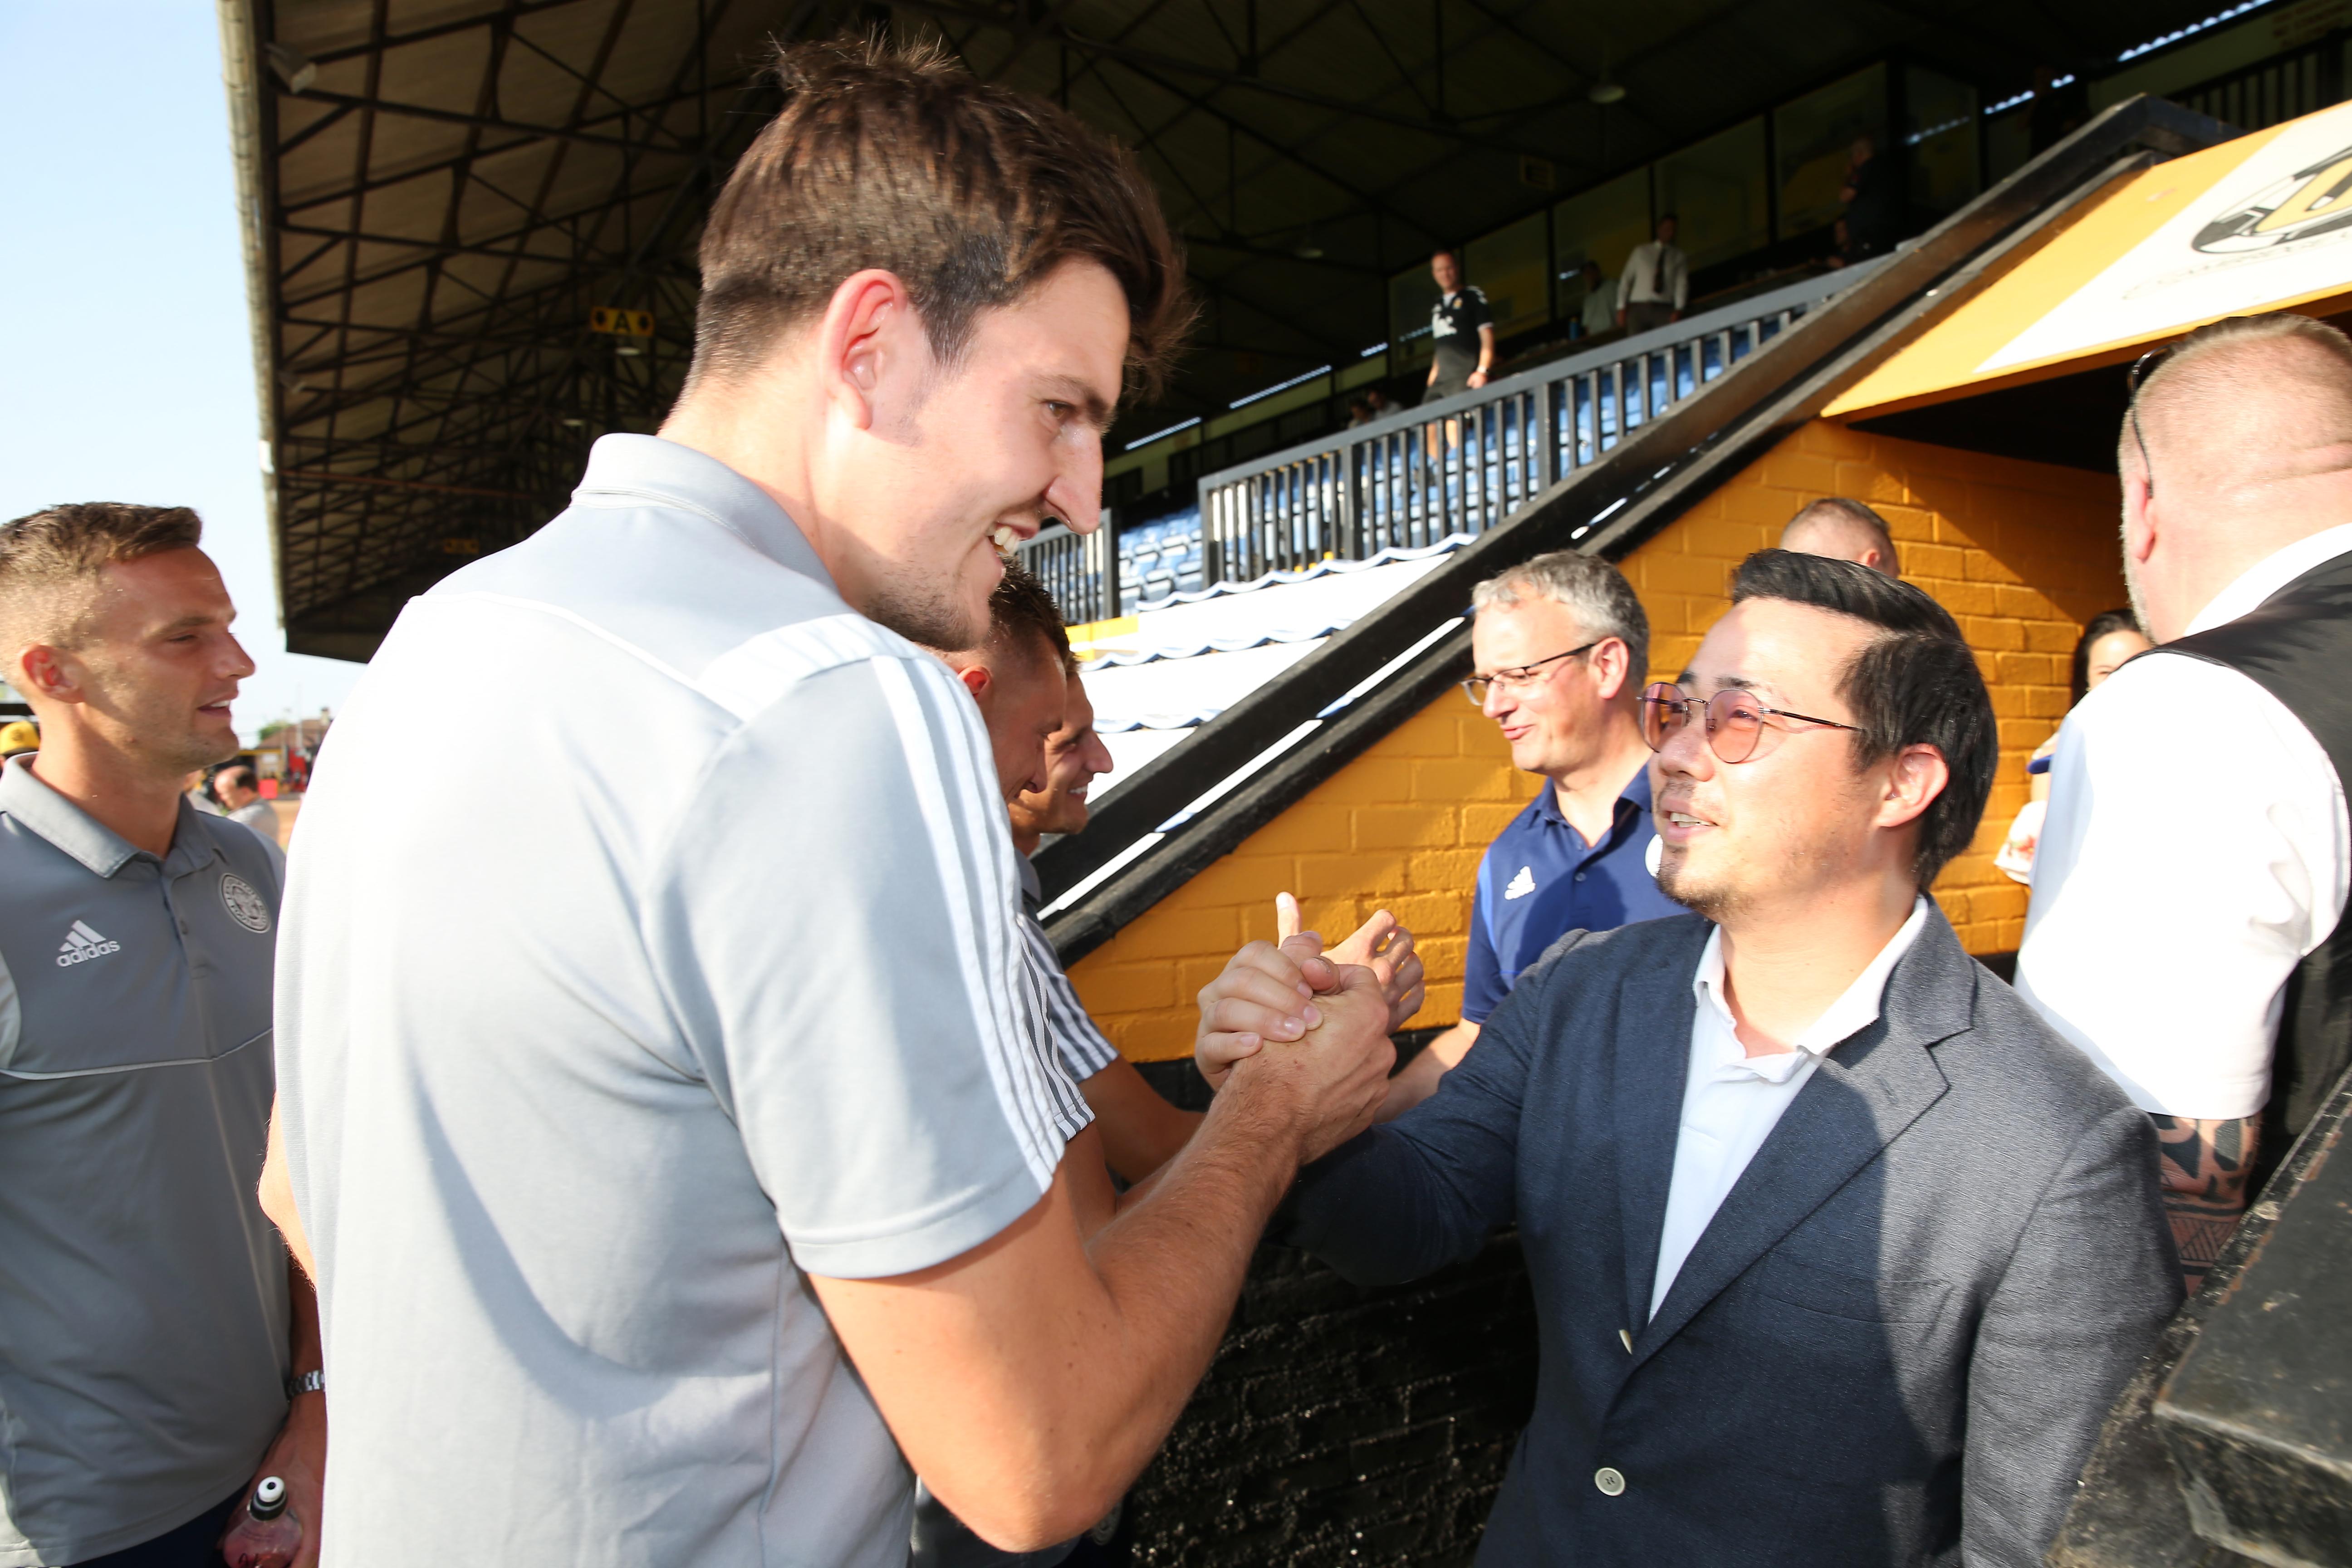 Cambridge United v Leicester City - Pre-Season Friendly